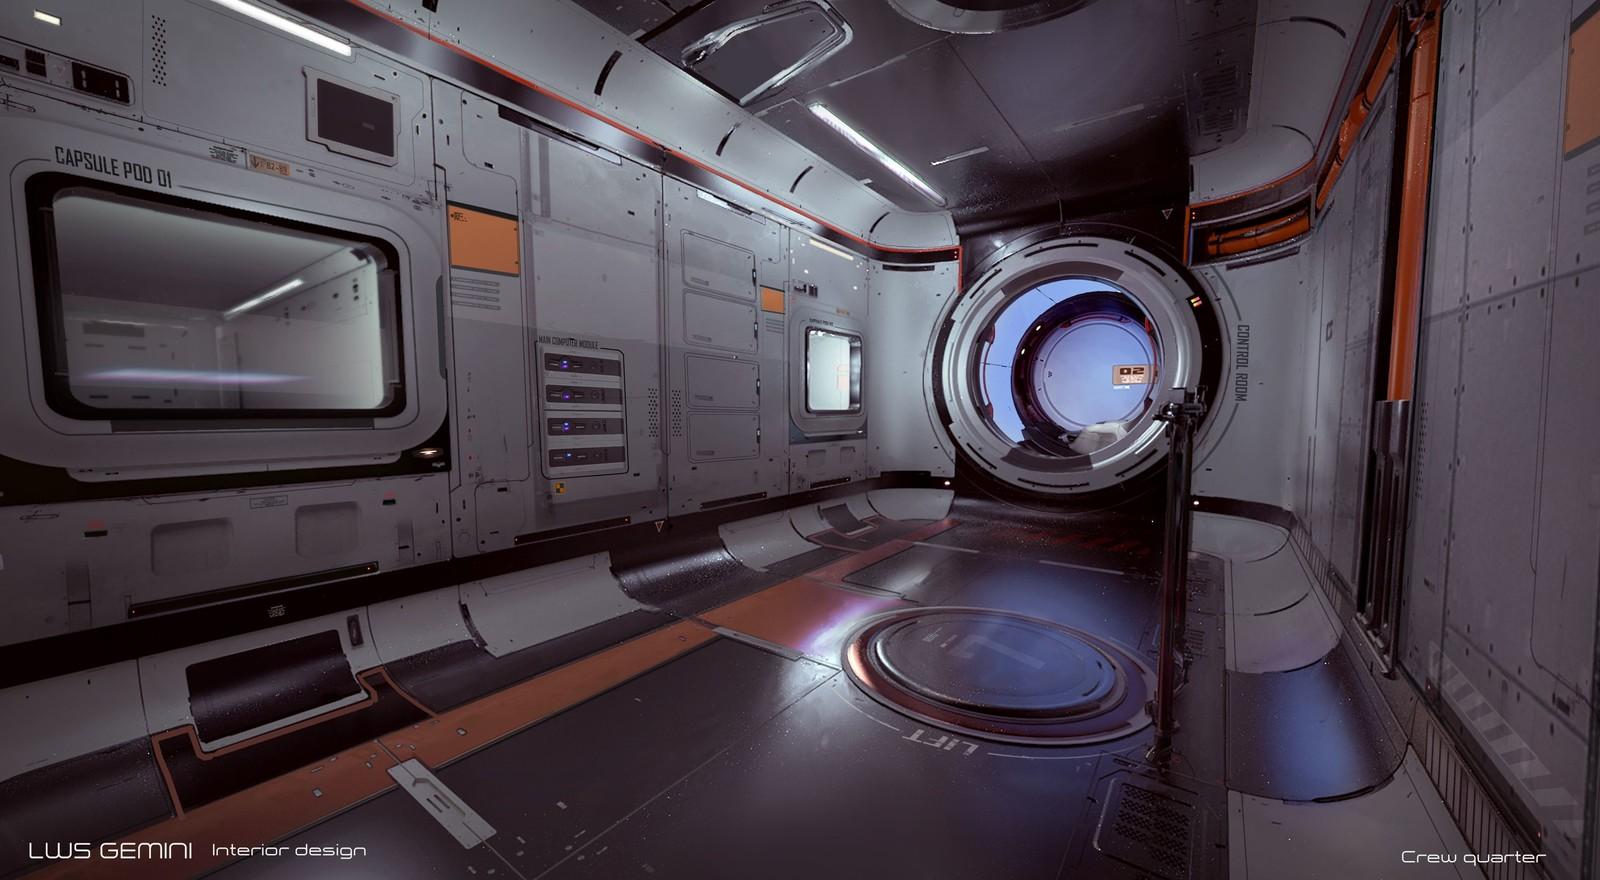 LWS Gemini interior design